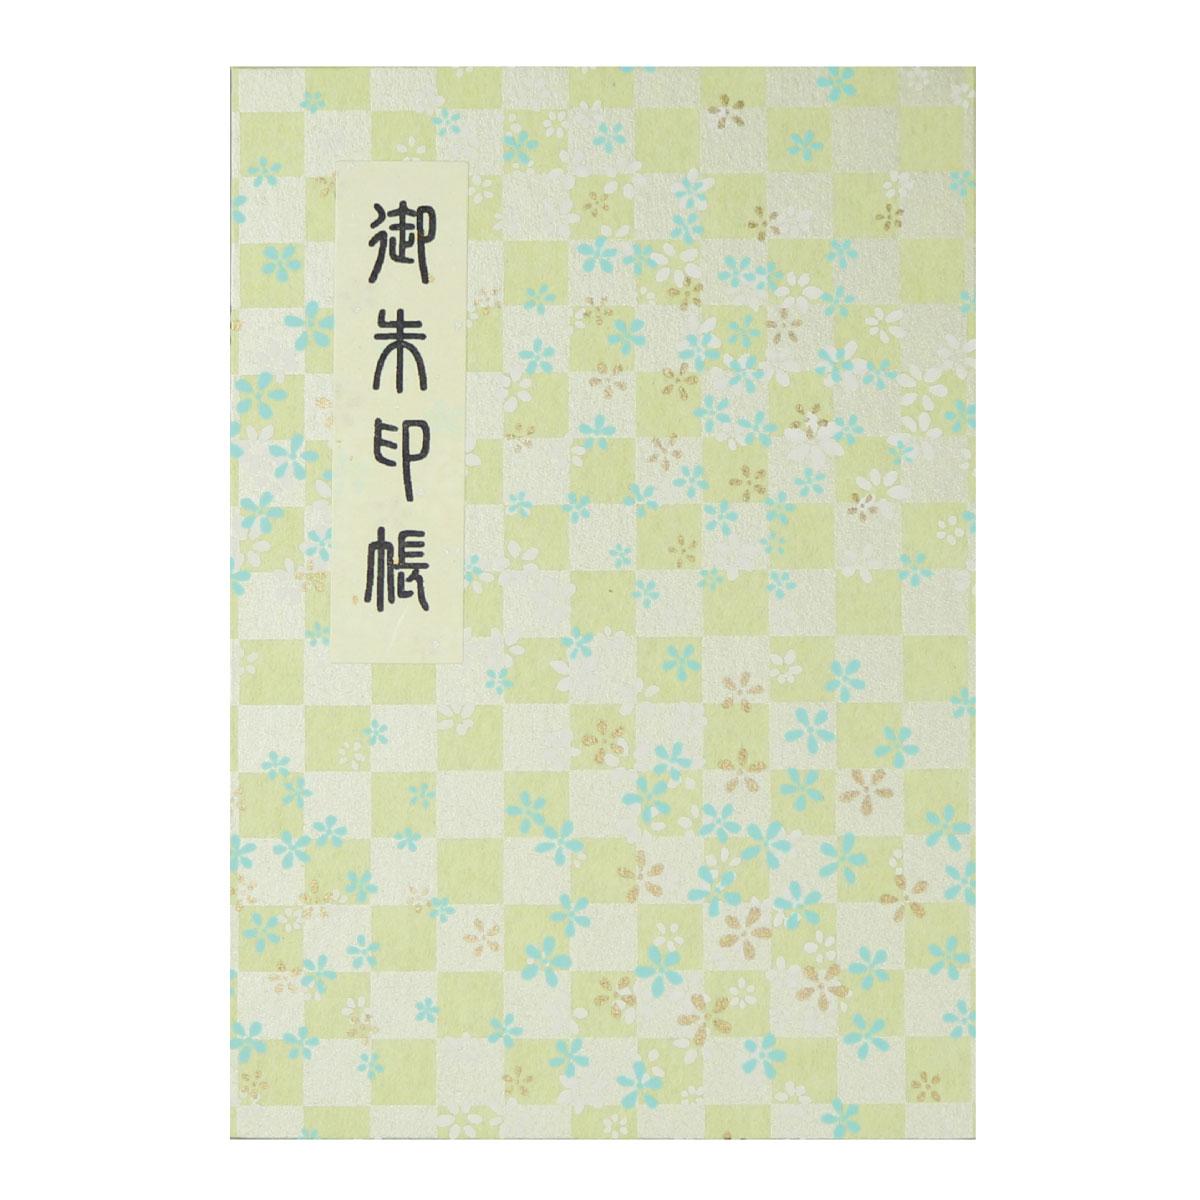 御朱印帳蛇腹式40ページ金彩和紙<市松小花>若草色